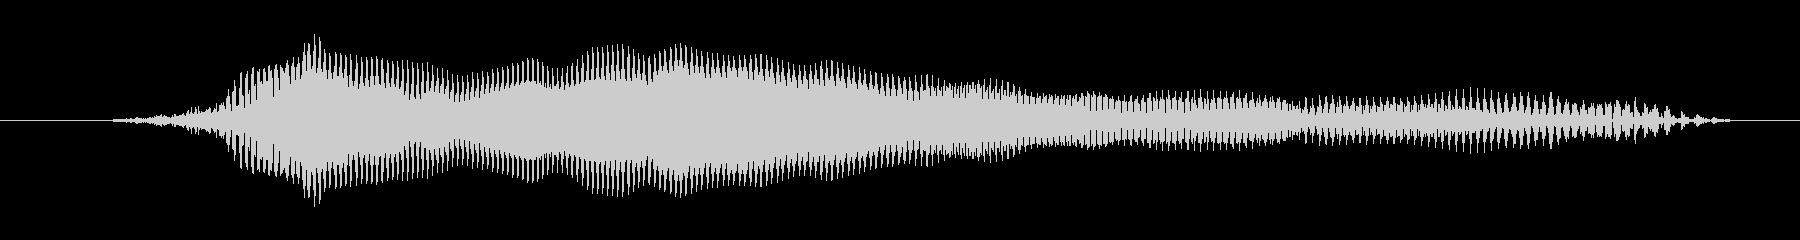 鳴き声 男性不満ハッピー03の未再生の波形